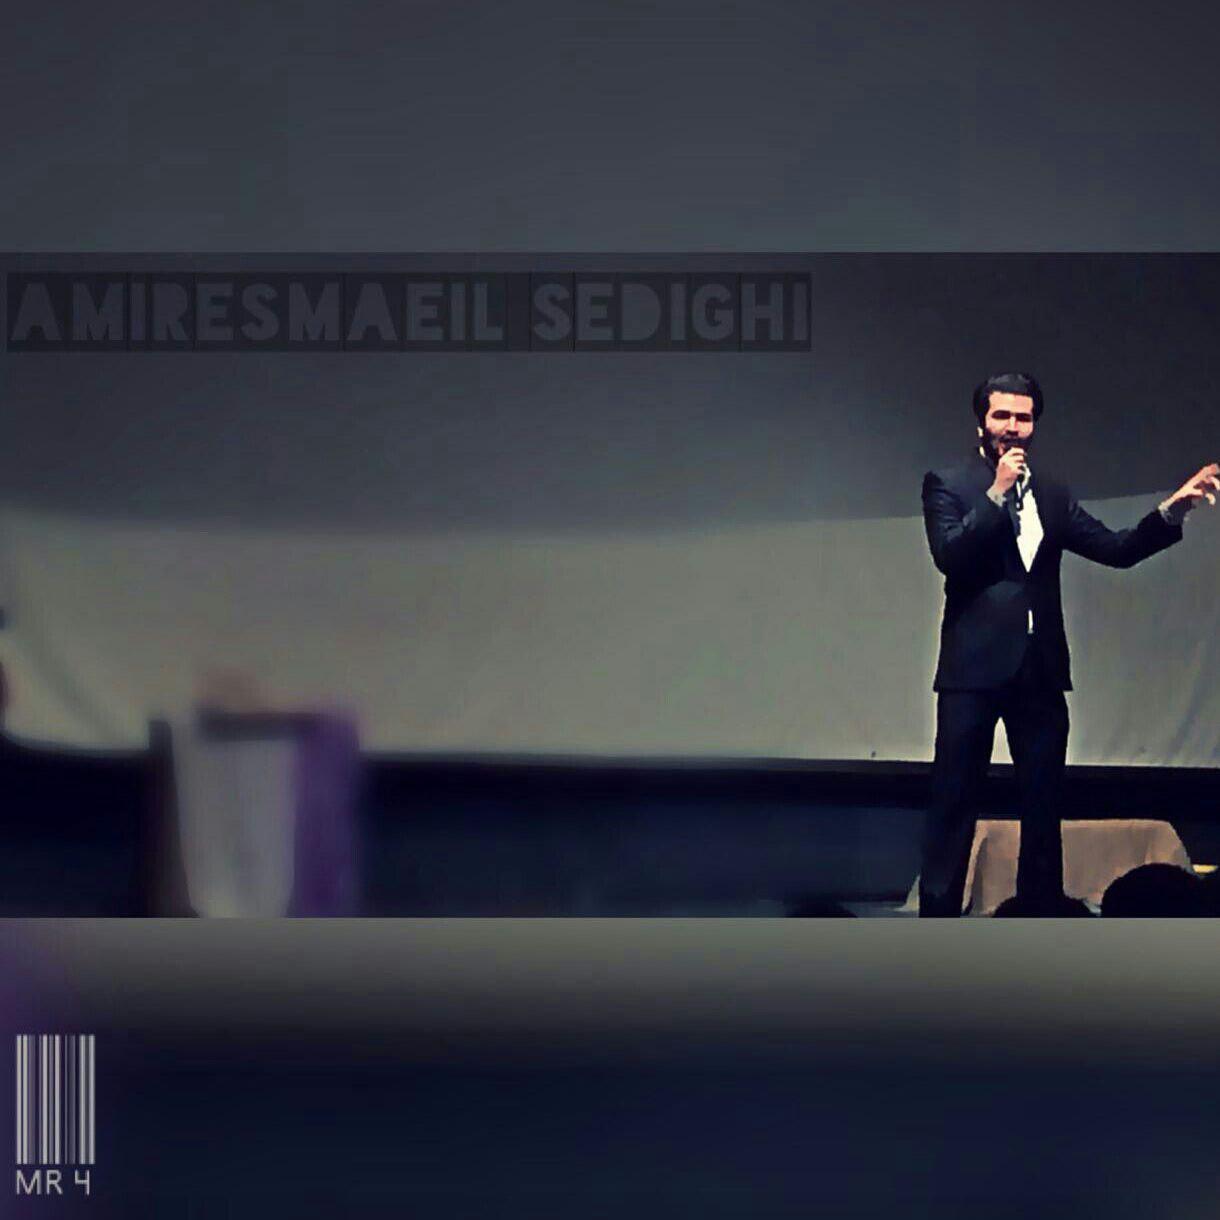 تلگرام خواننده باران نخستین ثمر همکاری جنگل با امیر اسماعیل صدیقی: عاشقت شدم ...